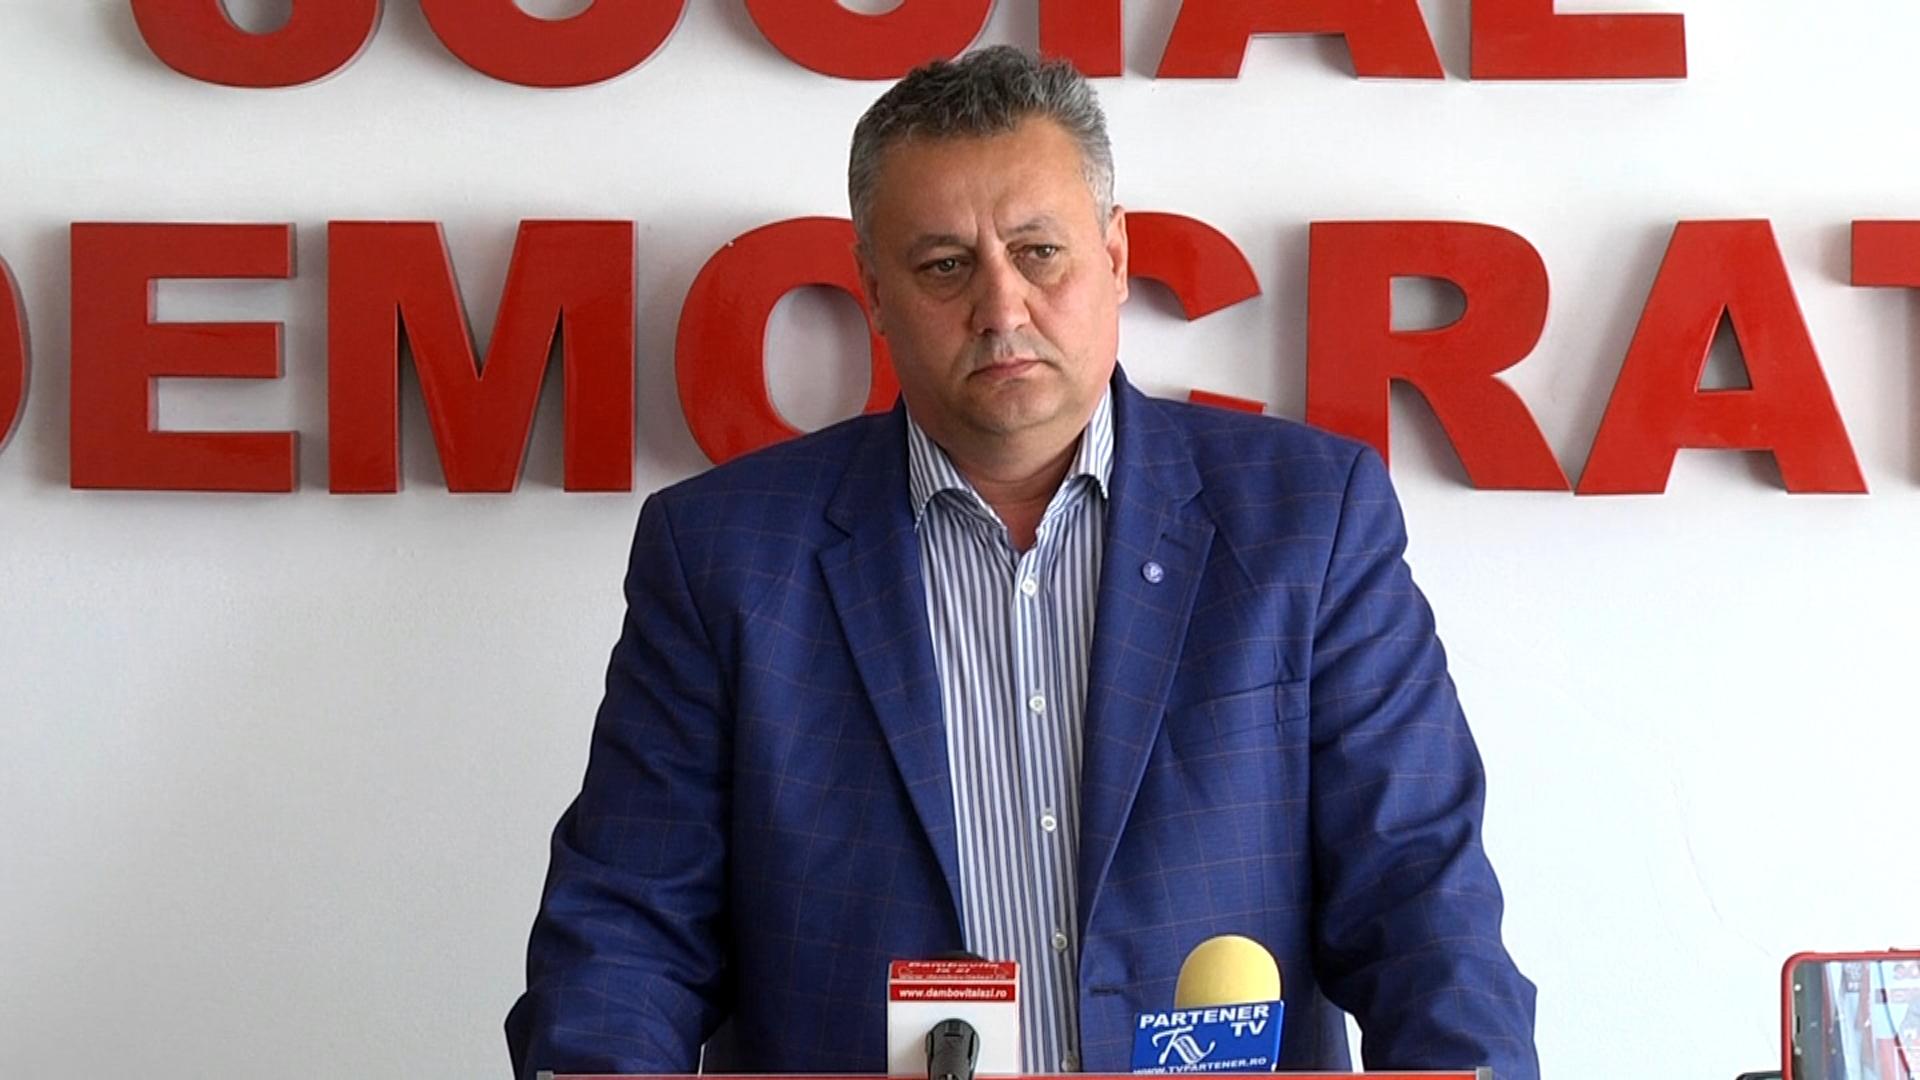 Alexandru Oprea: Bugetul de investiții al  CJ Dâmboviţa  a crescut în 2019, cu 320% față de anul anterior